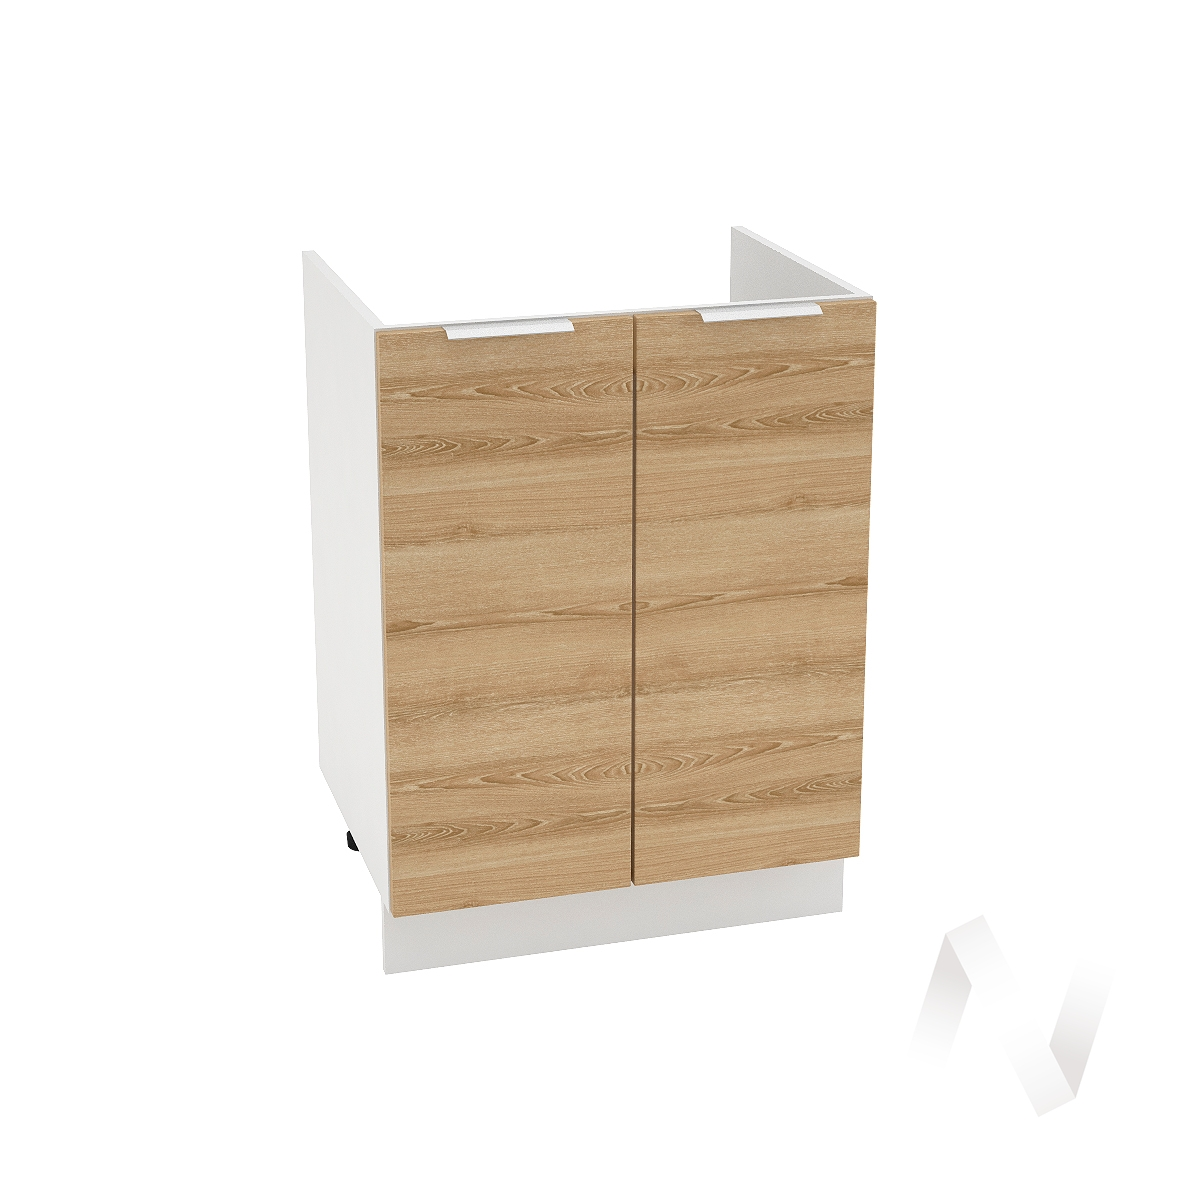 """Кухня """"Терра"""": Шкаф нижний под мойку 600, ШНМ 600 (ель карпатская/корпус белый)"""